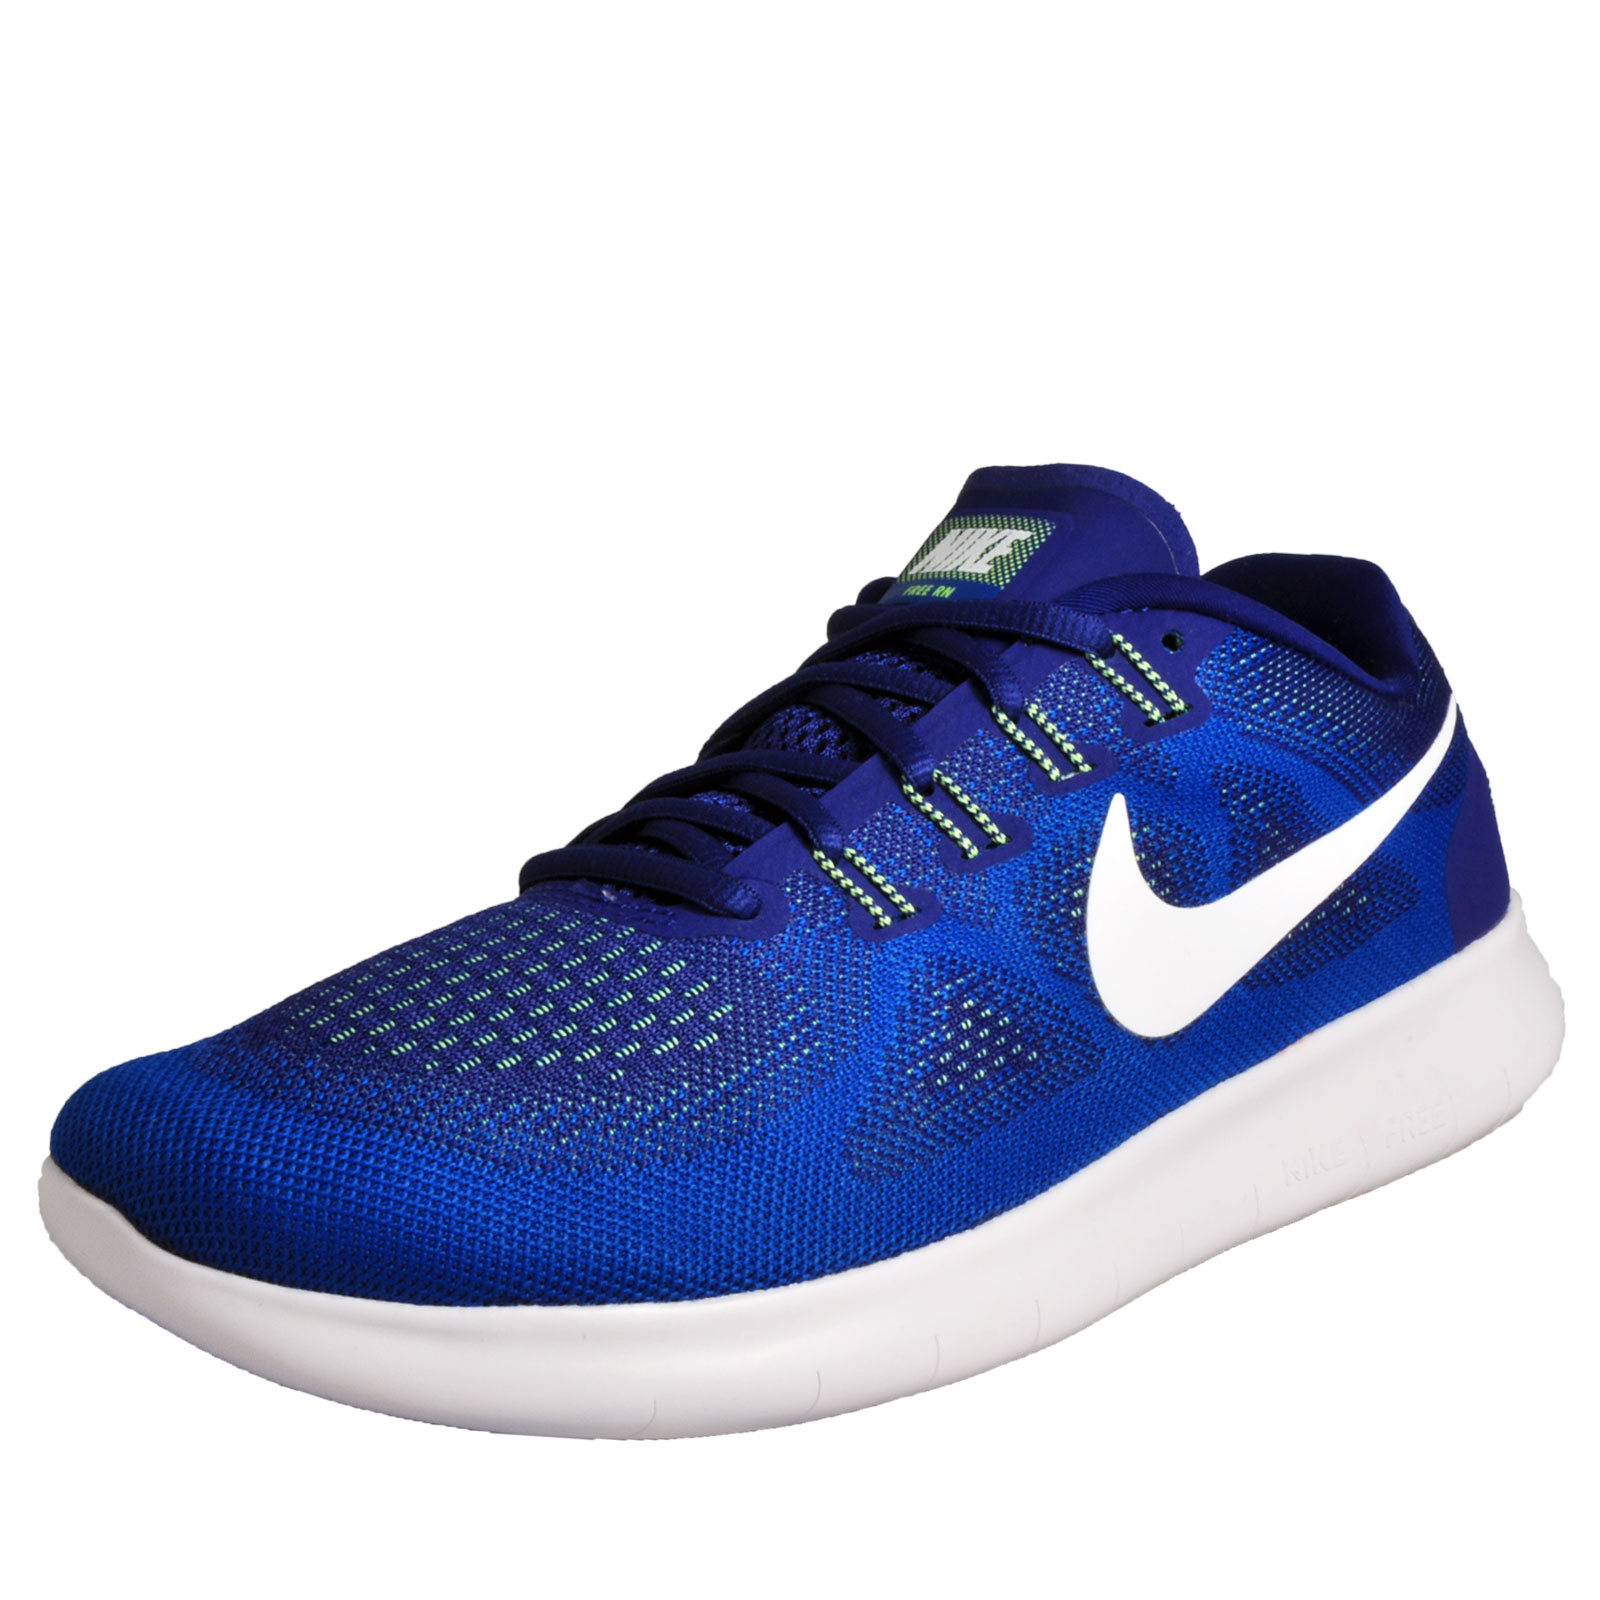 4e5175e9ec9940 ... get nike free rn mens premium running shoes fitness gym trainers blue  0e873 a557b ...